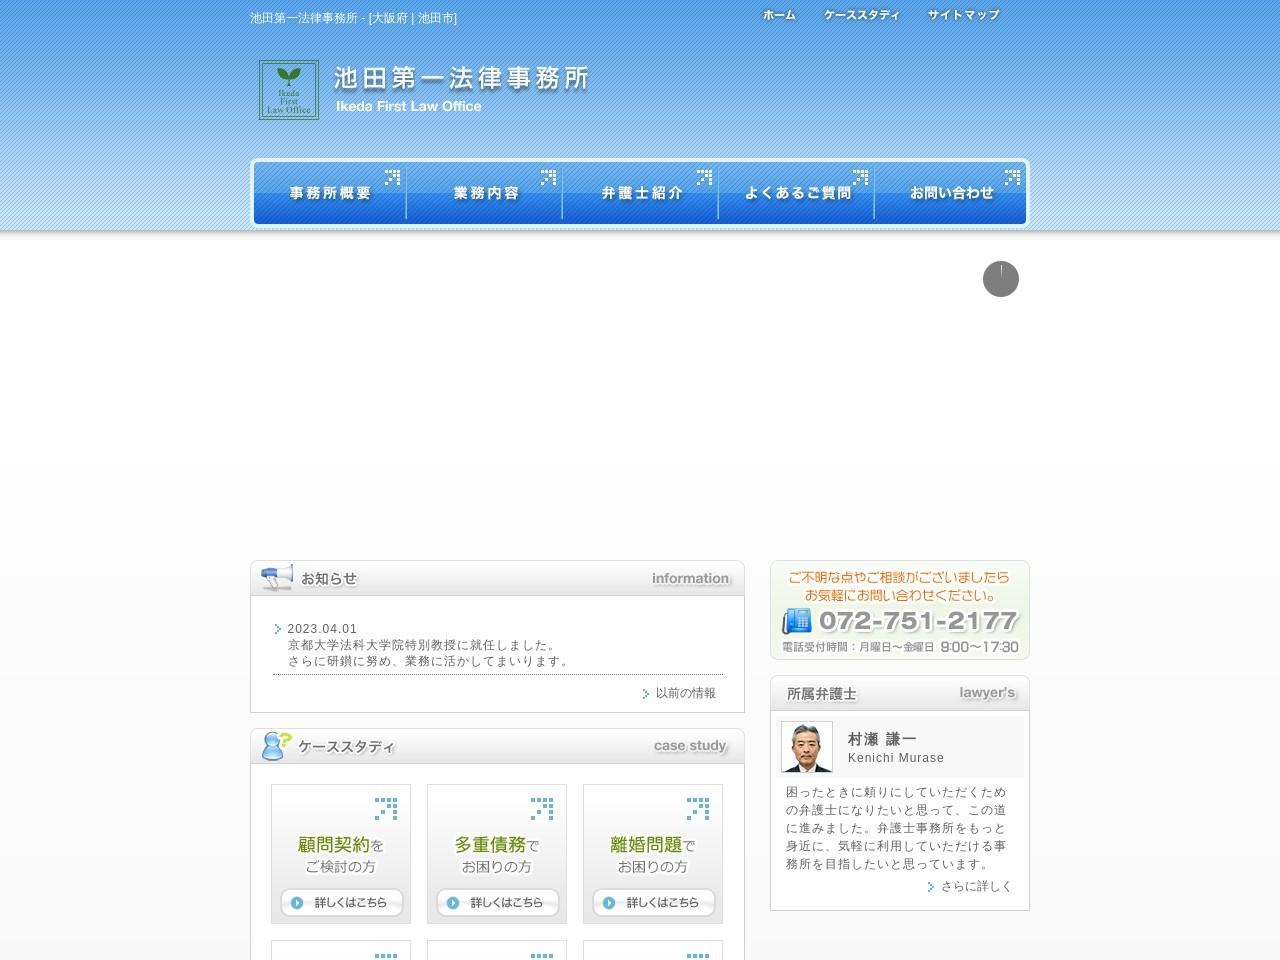 池田第一法律事務所